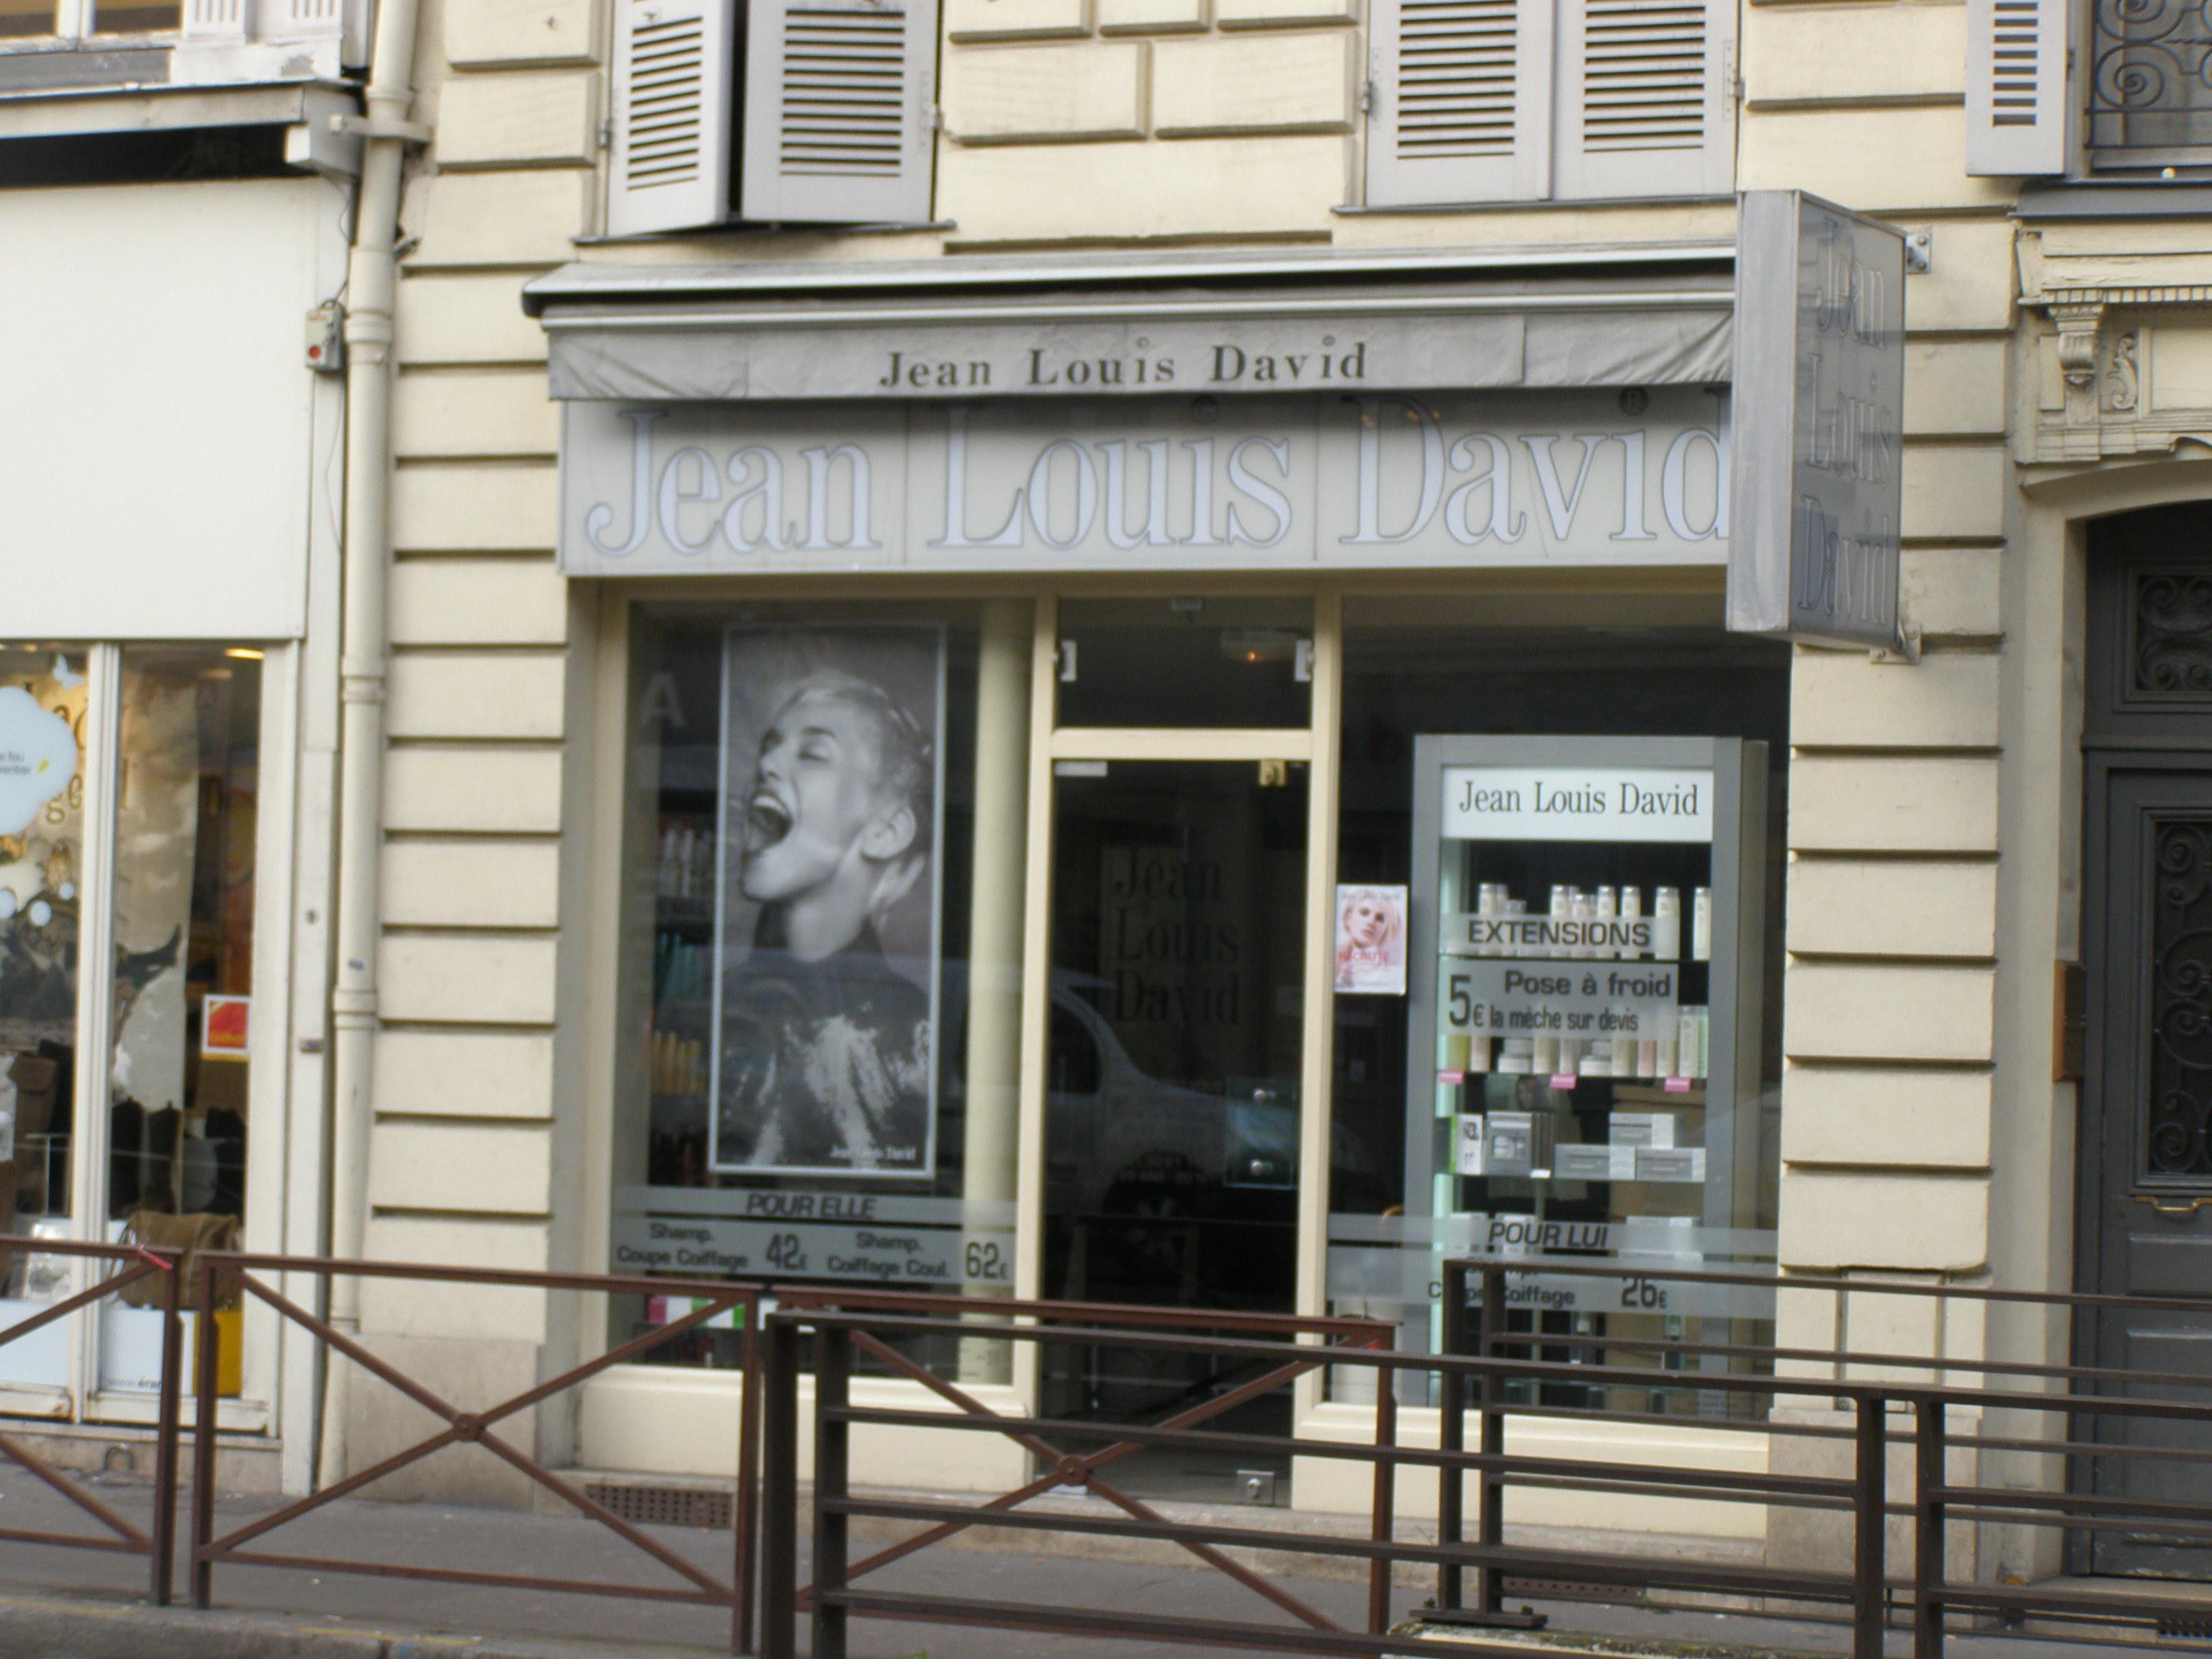 Jean louis david versailles avis tarifs horaires for Tarif salon jean louis david